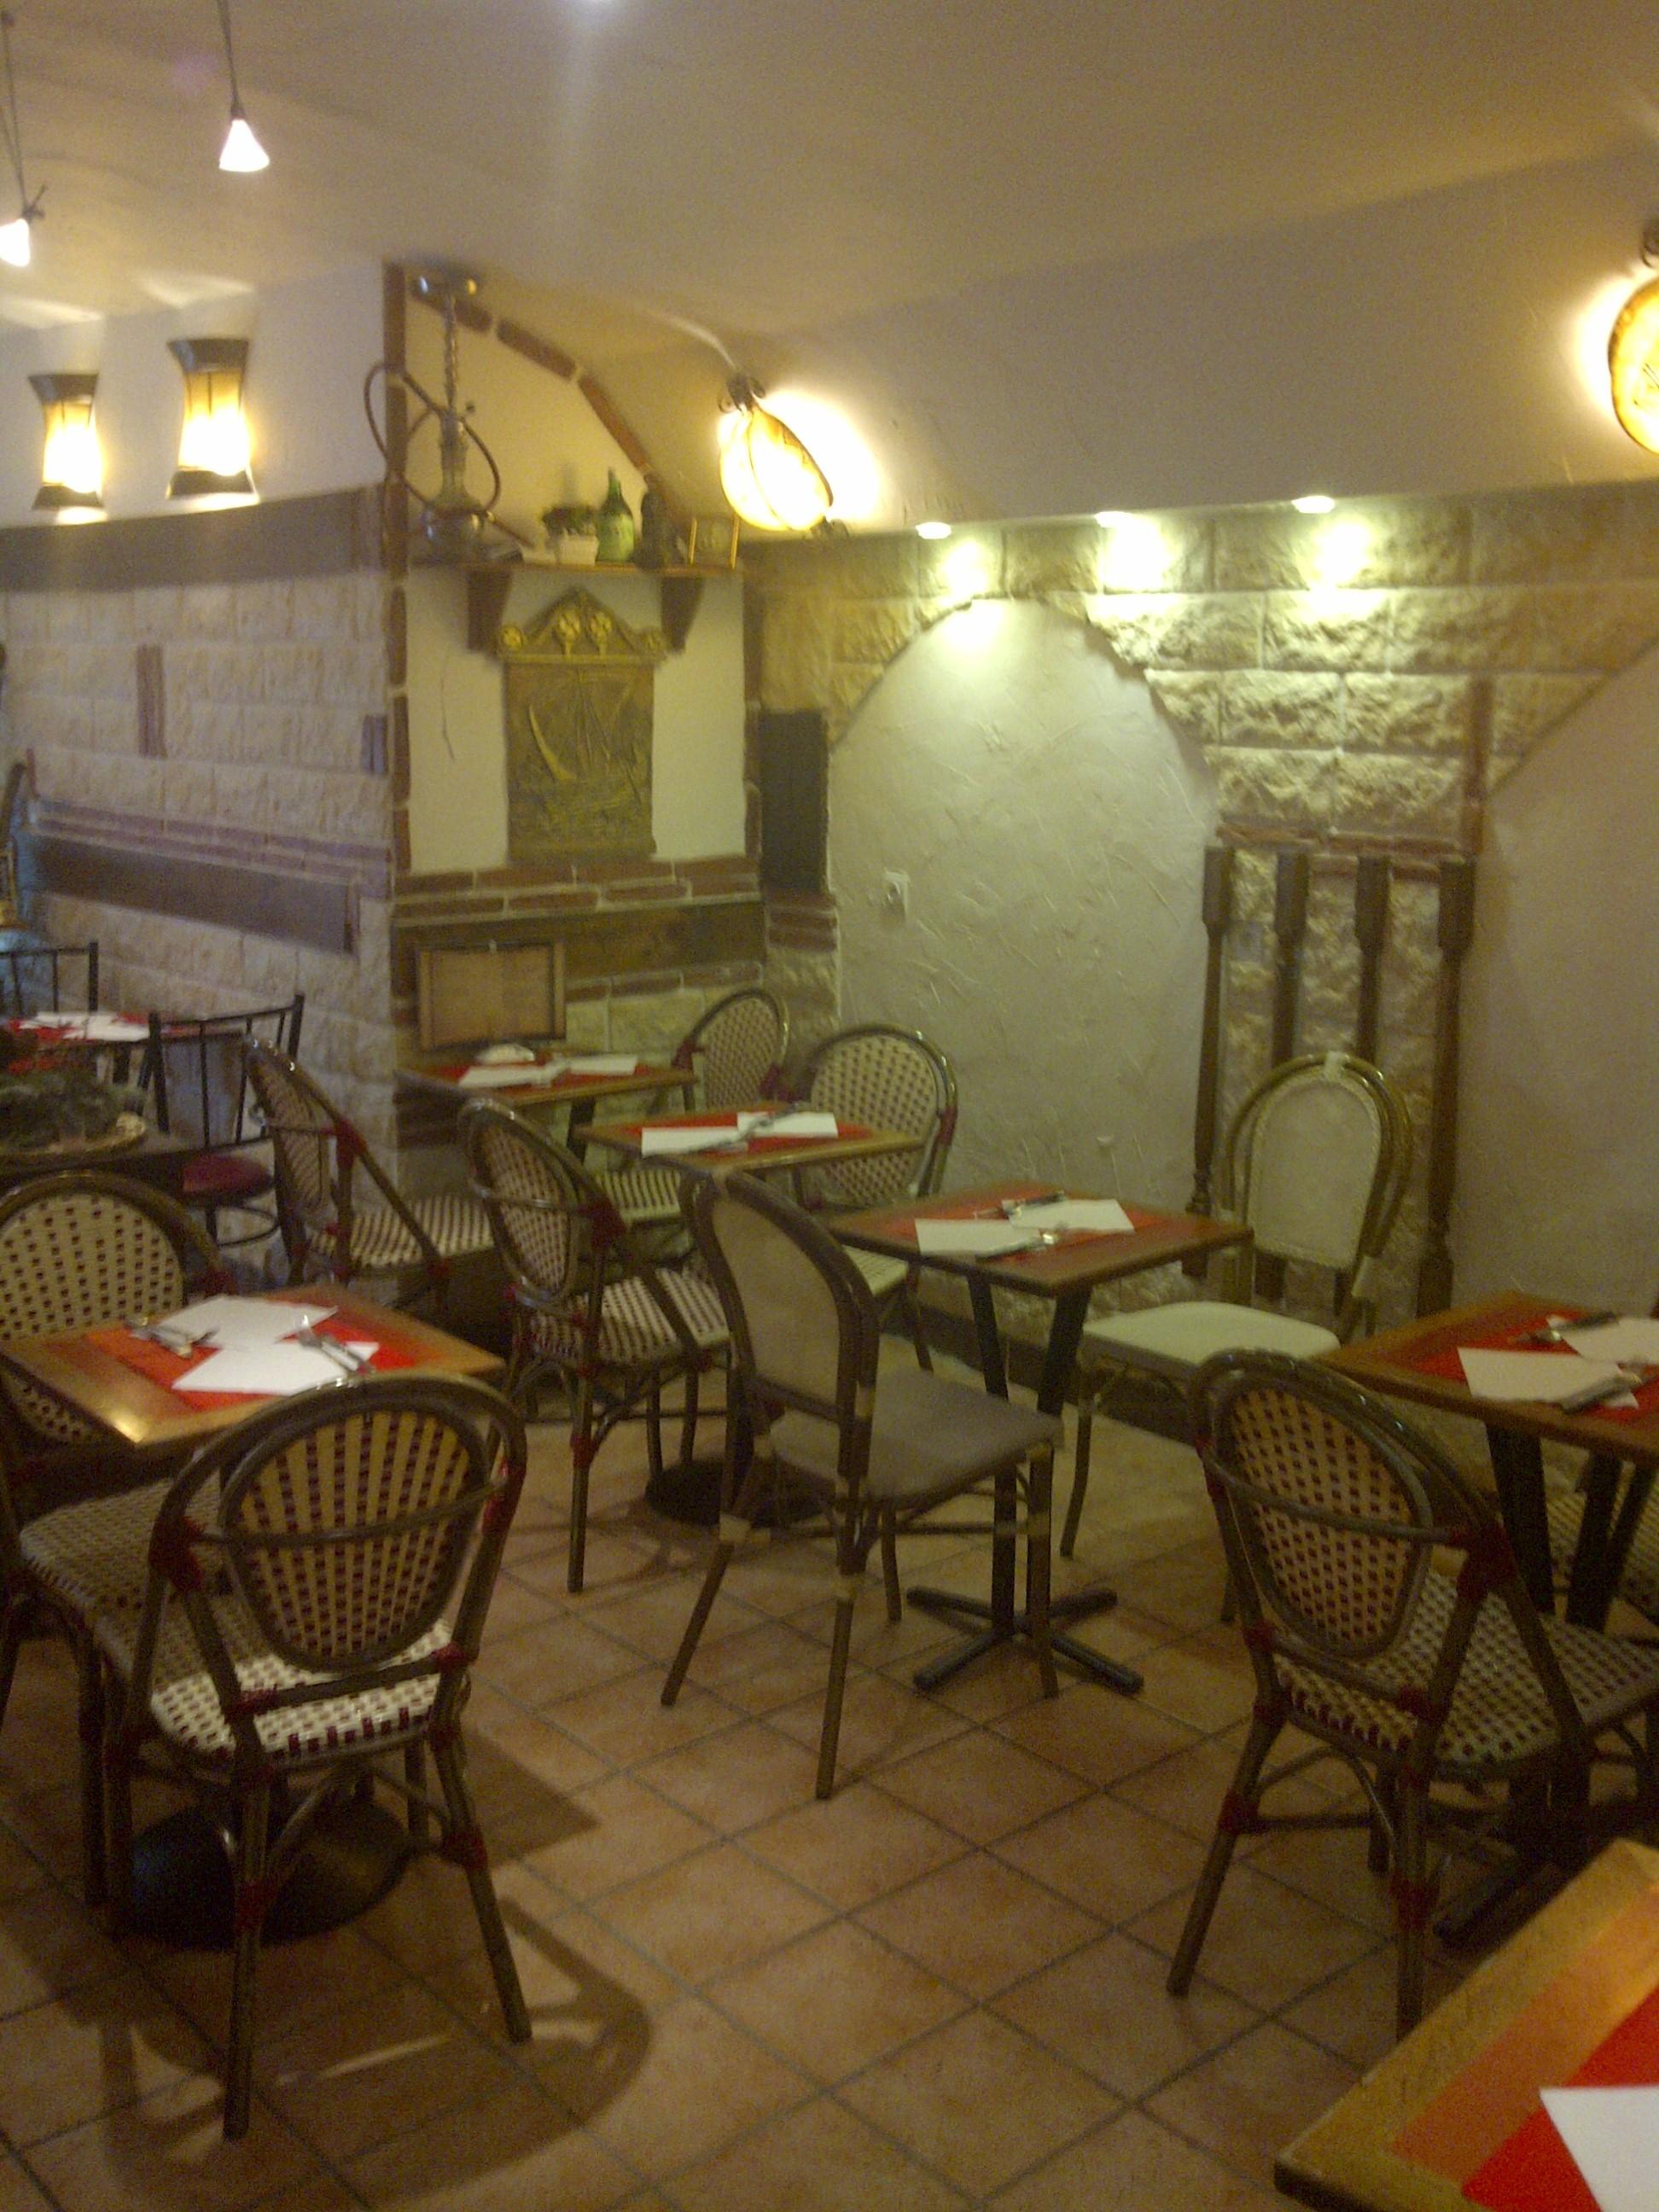 Restaurant le chardon dor grenoble for Salon vin grenoble